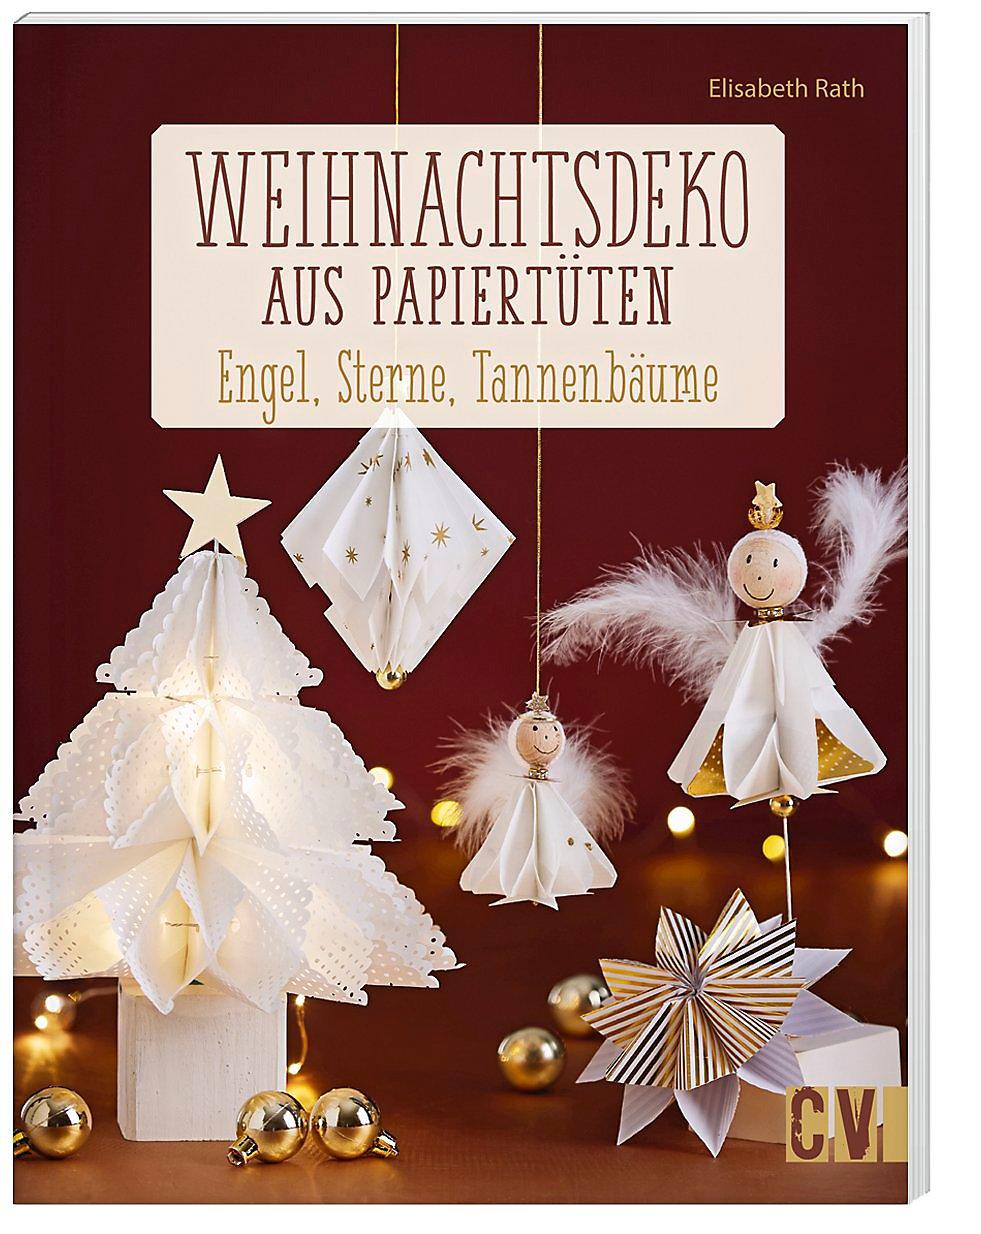 Weihnachtsdeko Aus Papiertuten Buch Bei Weltbild De Bestellen